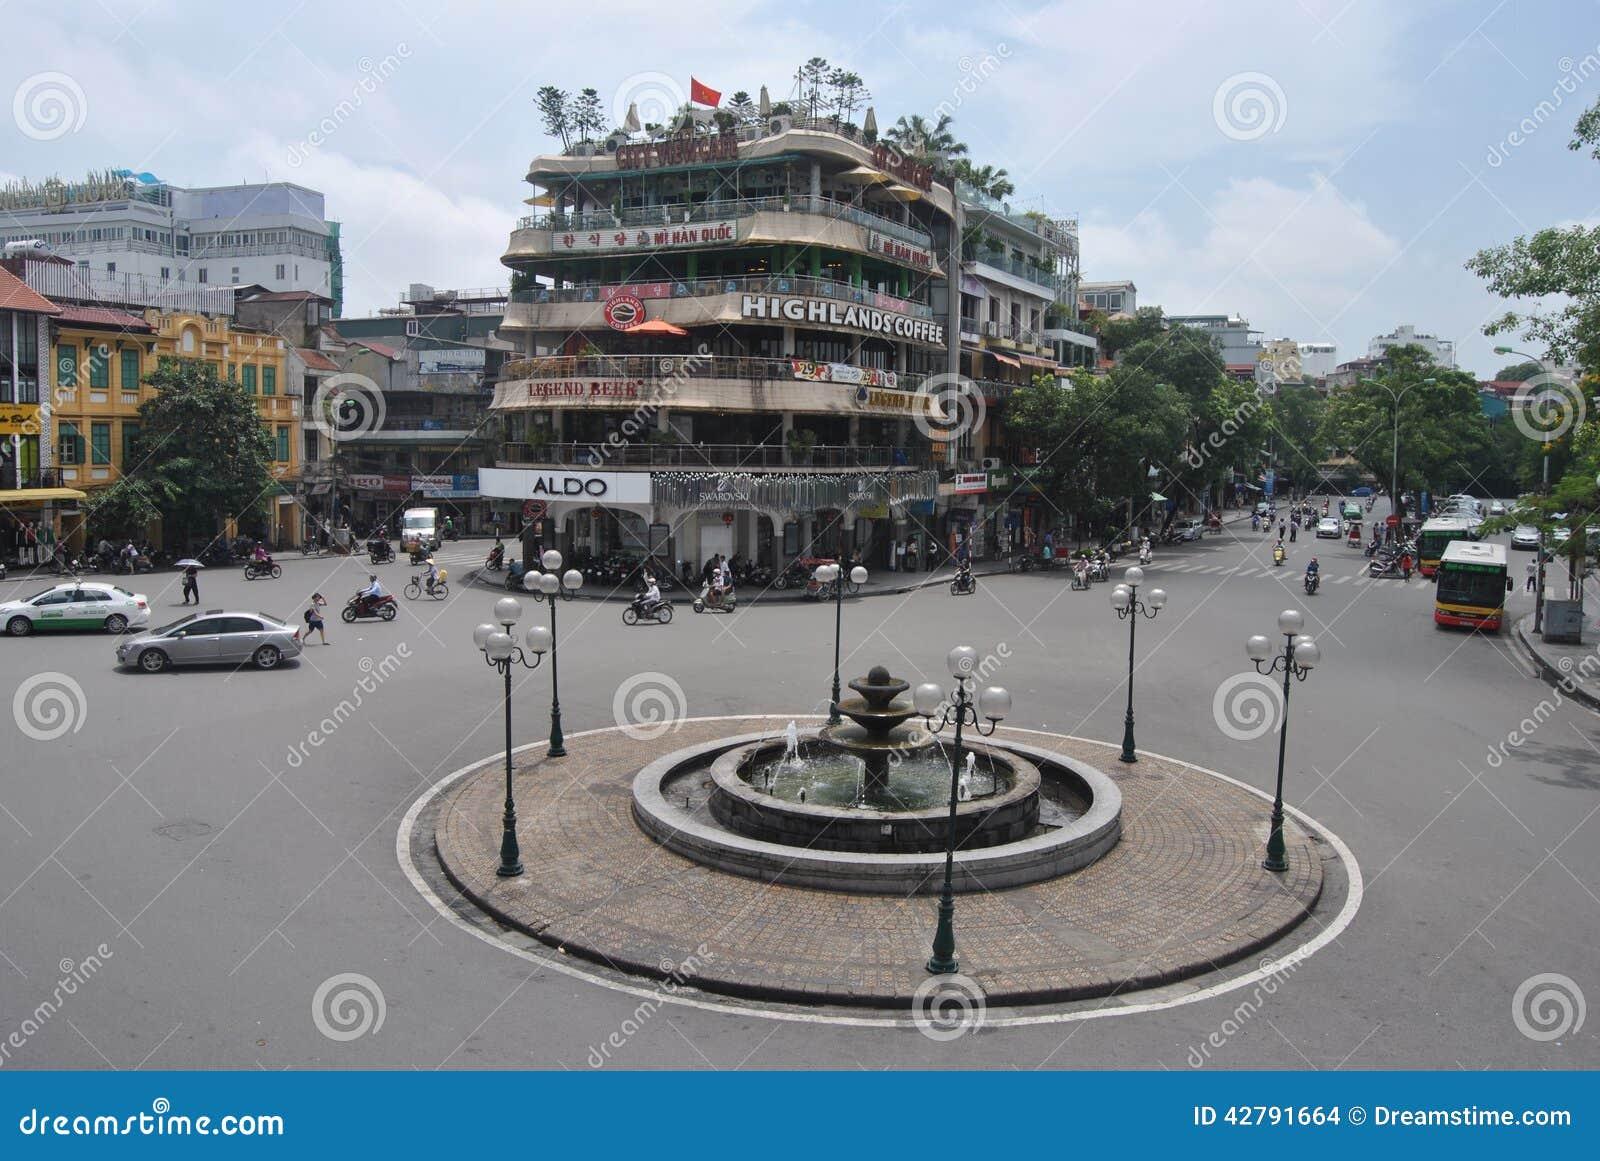 河内市越南编辑类库存图片. 图片...